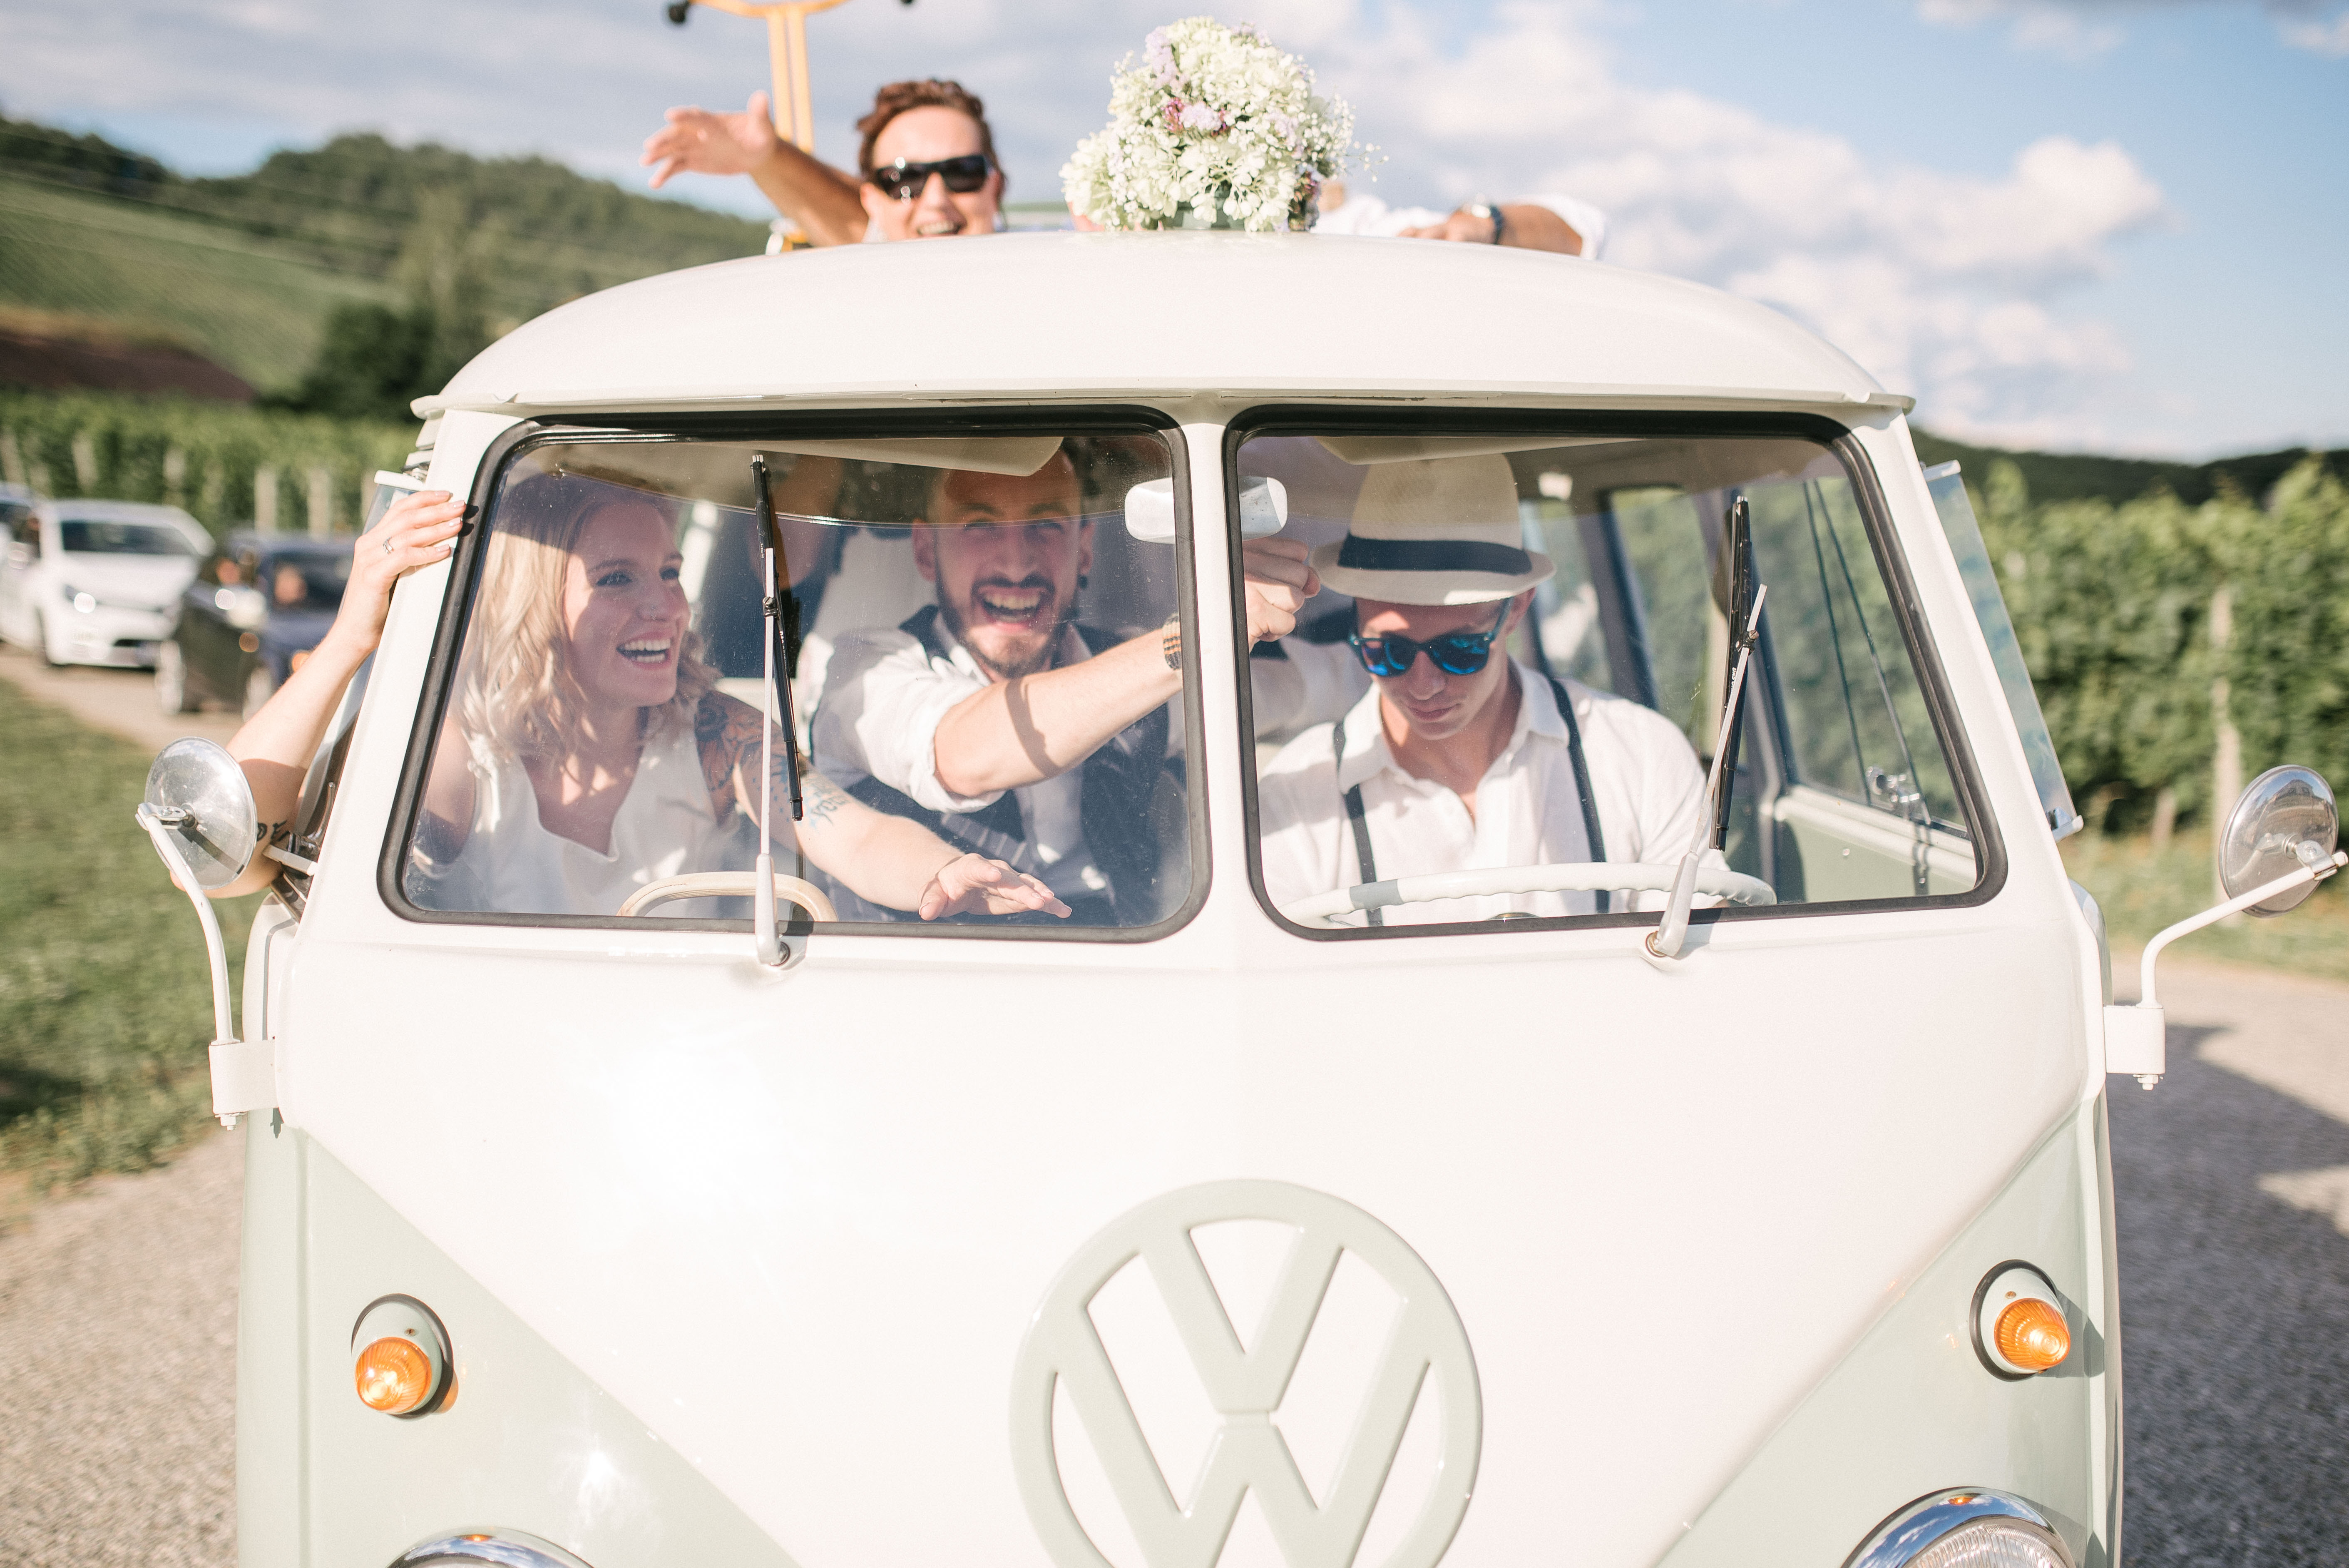 Fotografiranje poroke - Tri lučke | Neža Reisner - Poročni fotograf